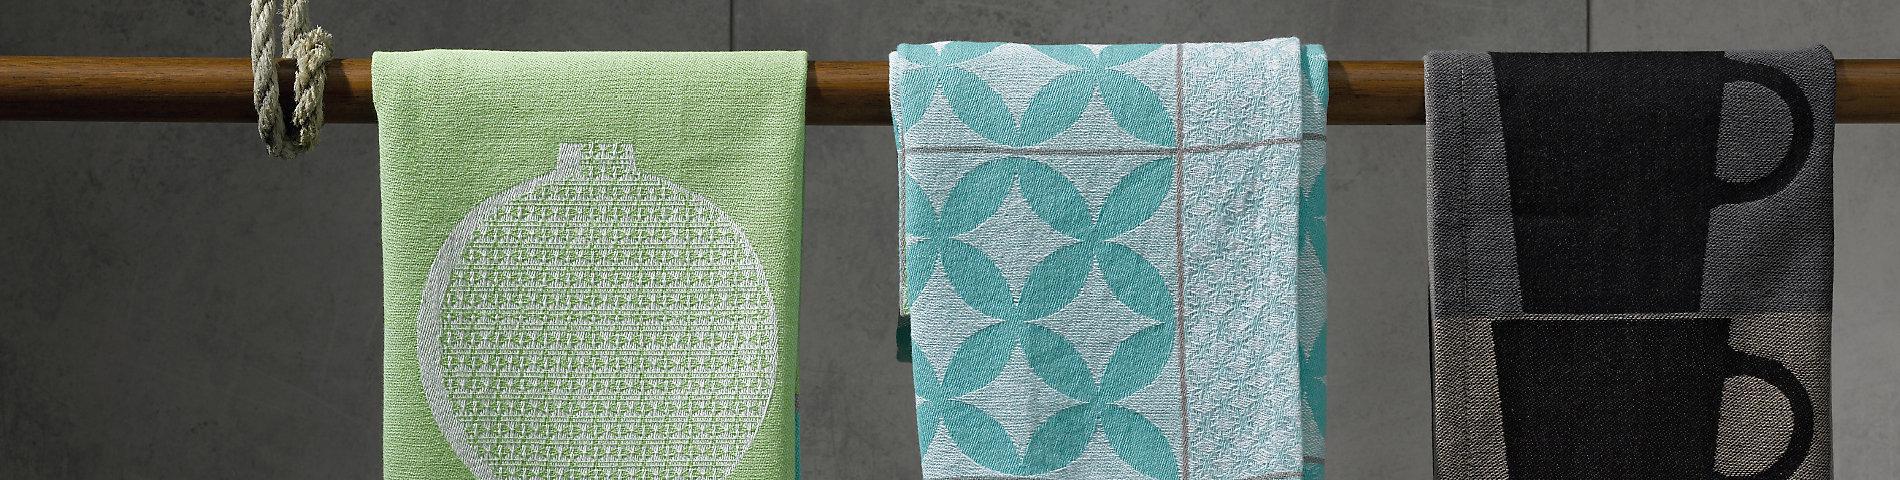 Küchentextilien aus 100% Baumwolle in verschiedenen Designs